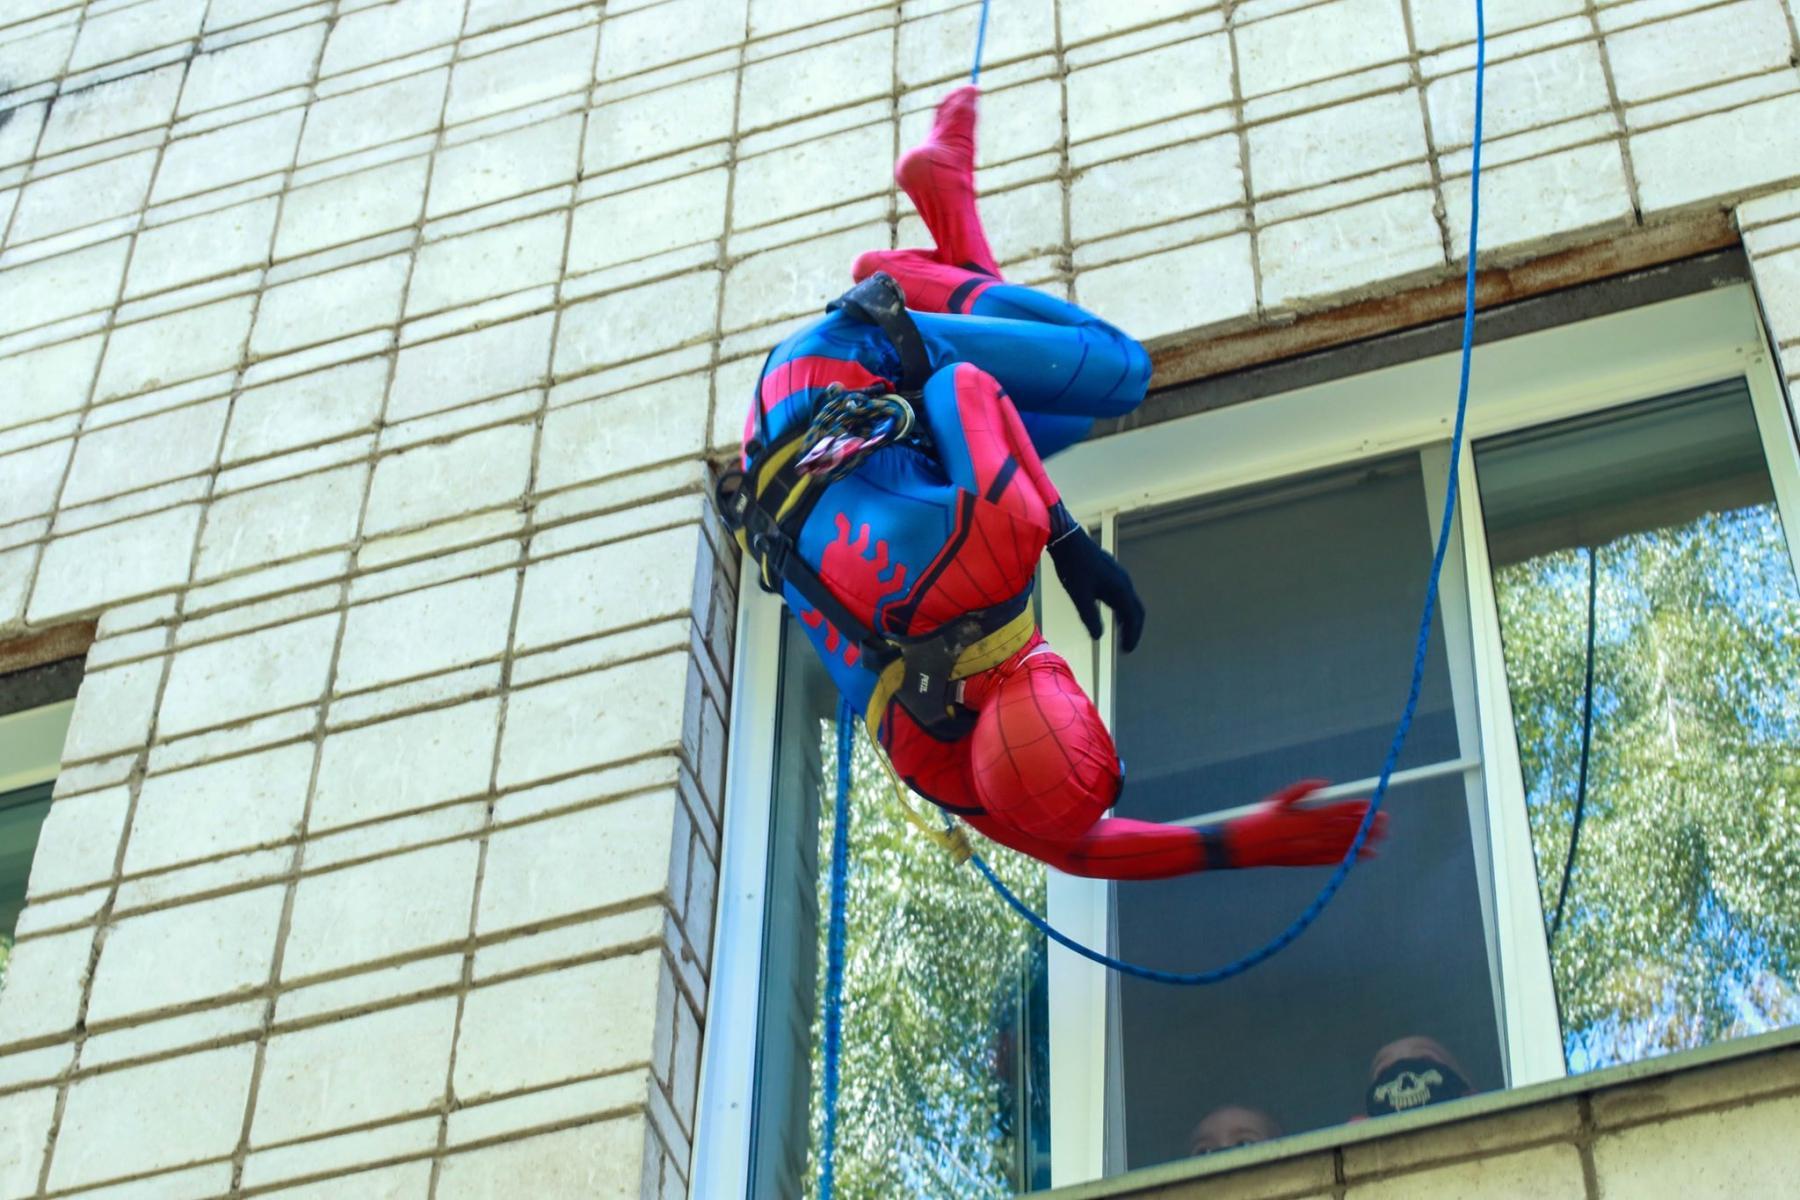 Фото Тук-тук, к вам Человек-паук: супергерой спустился с крыши к больным онкологией детям в Новосибирске 4